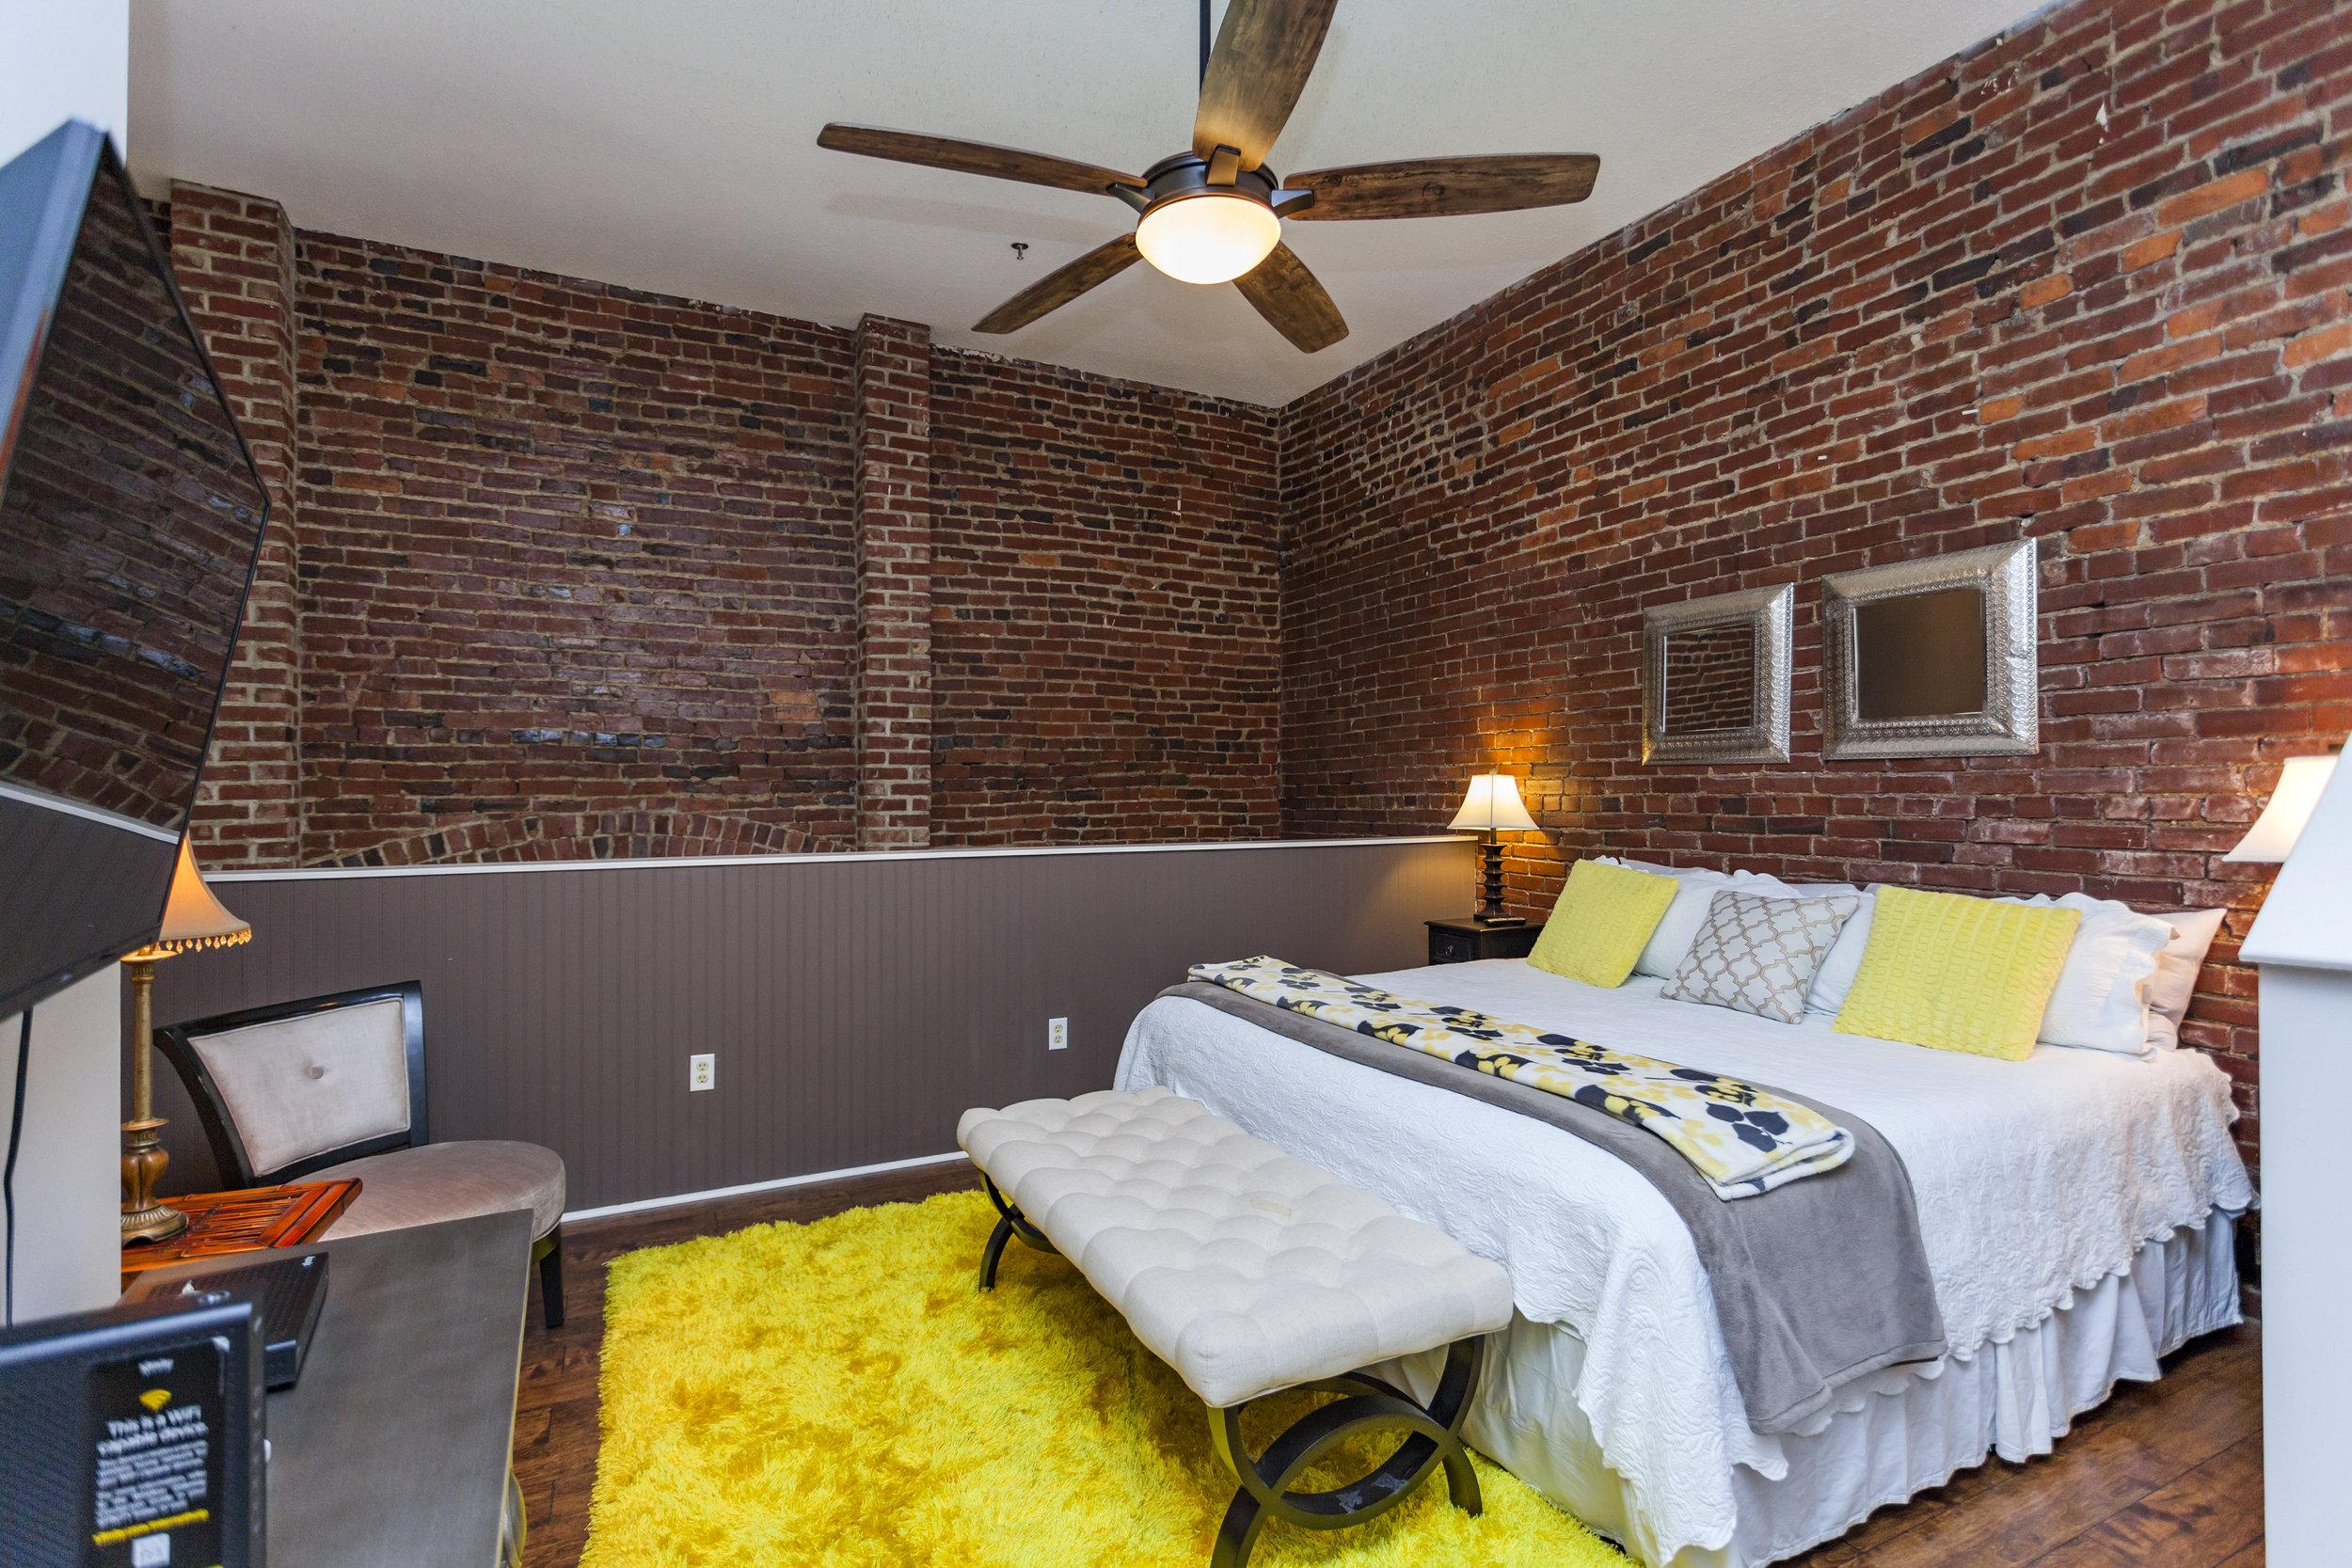 One Bedroom Nashville rental